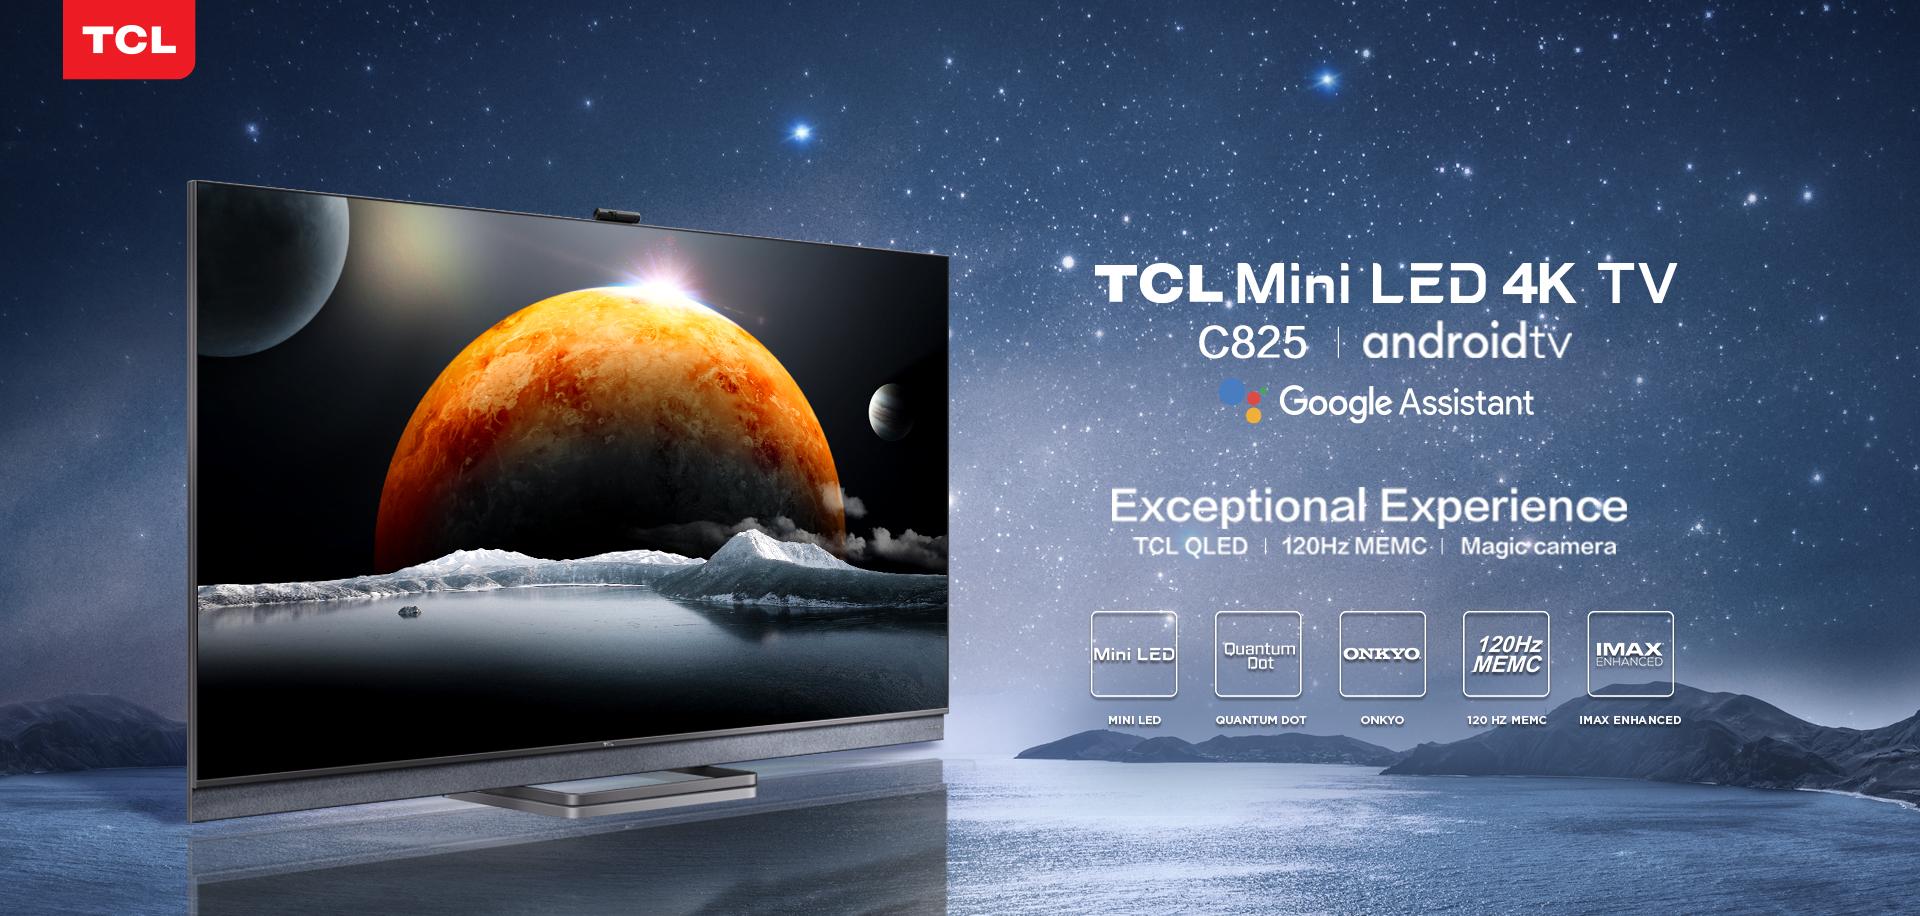 TCL C825 Price